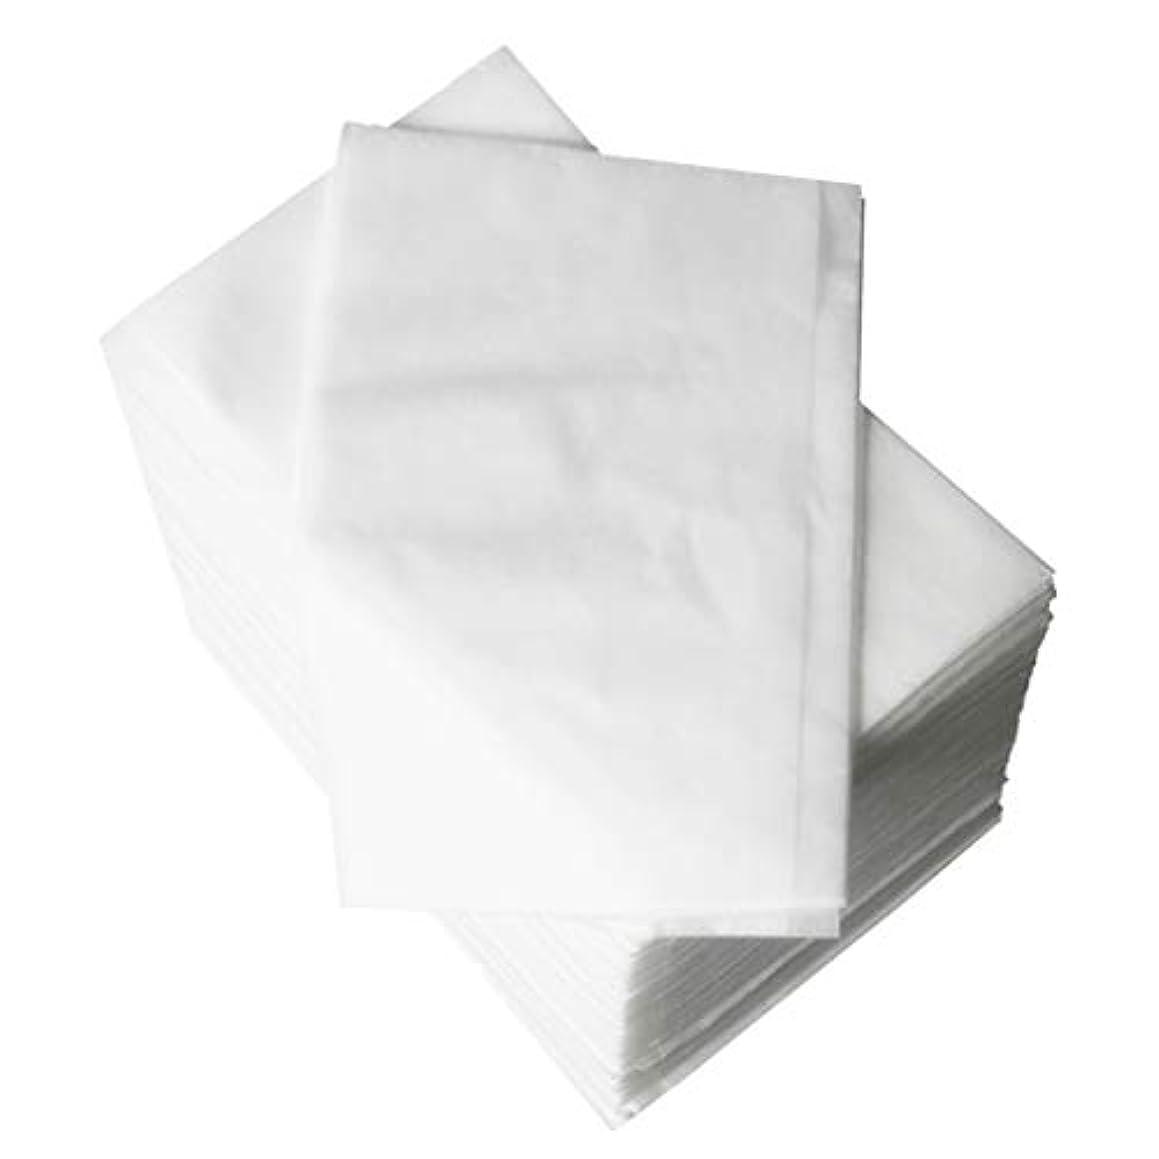 脚本家それから気質Hellery スパベッドカバー 使い捨て 耐久性 使い捨てベッドシーツ ブルー ホワイト - 白